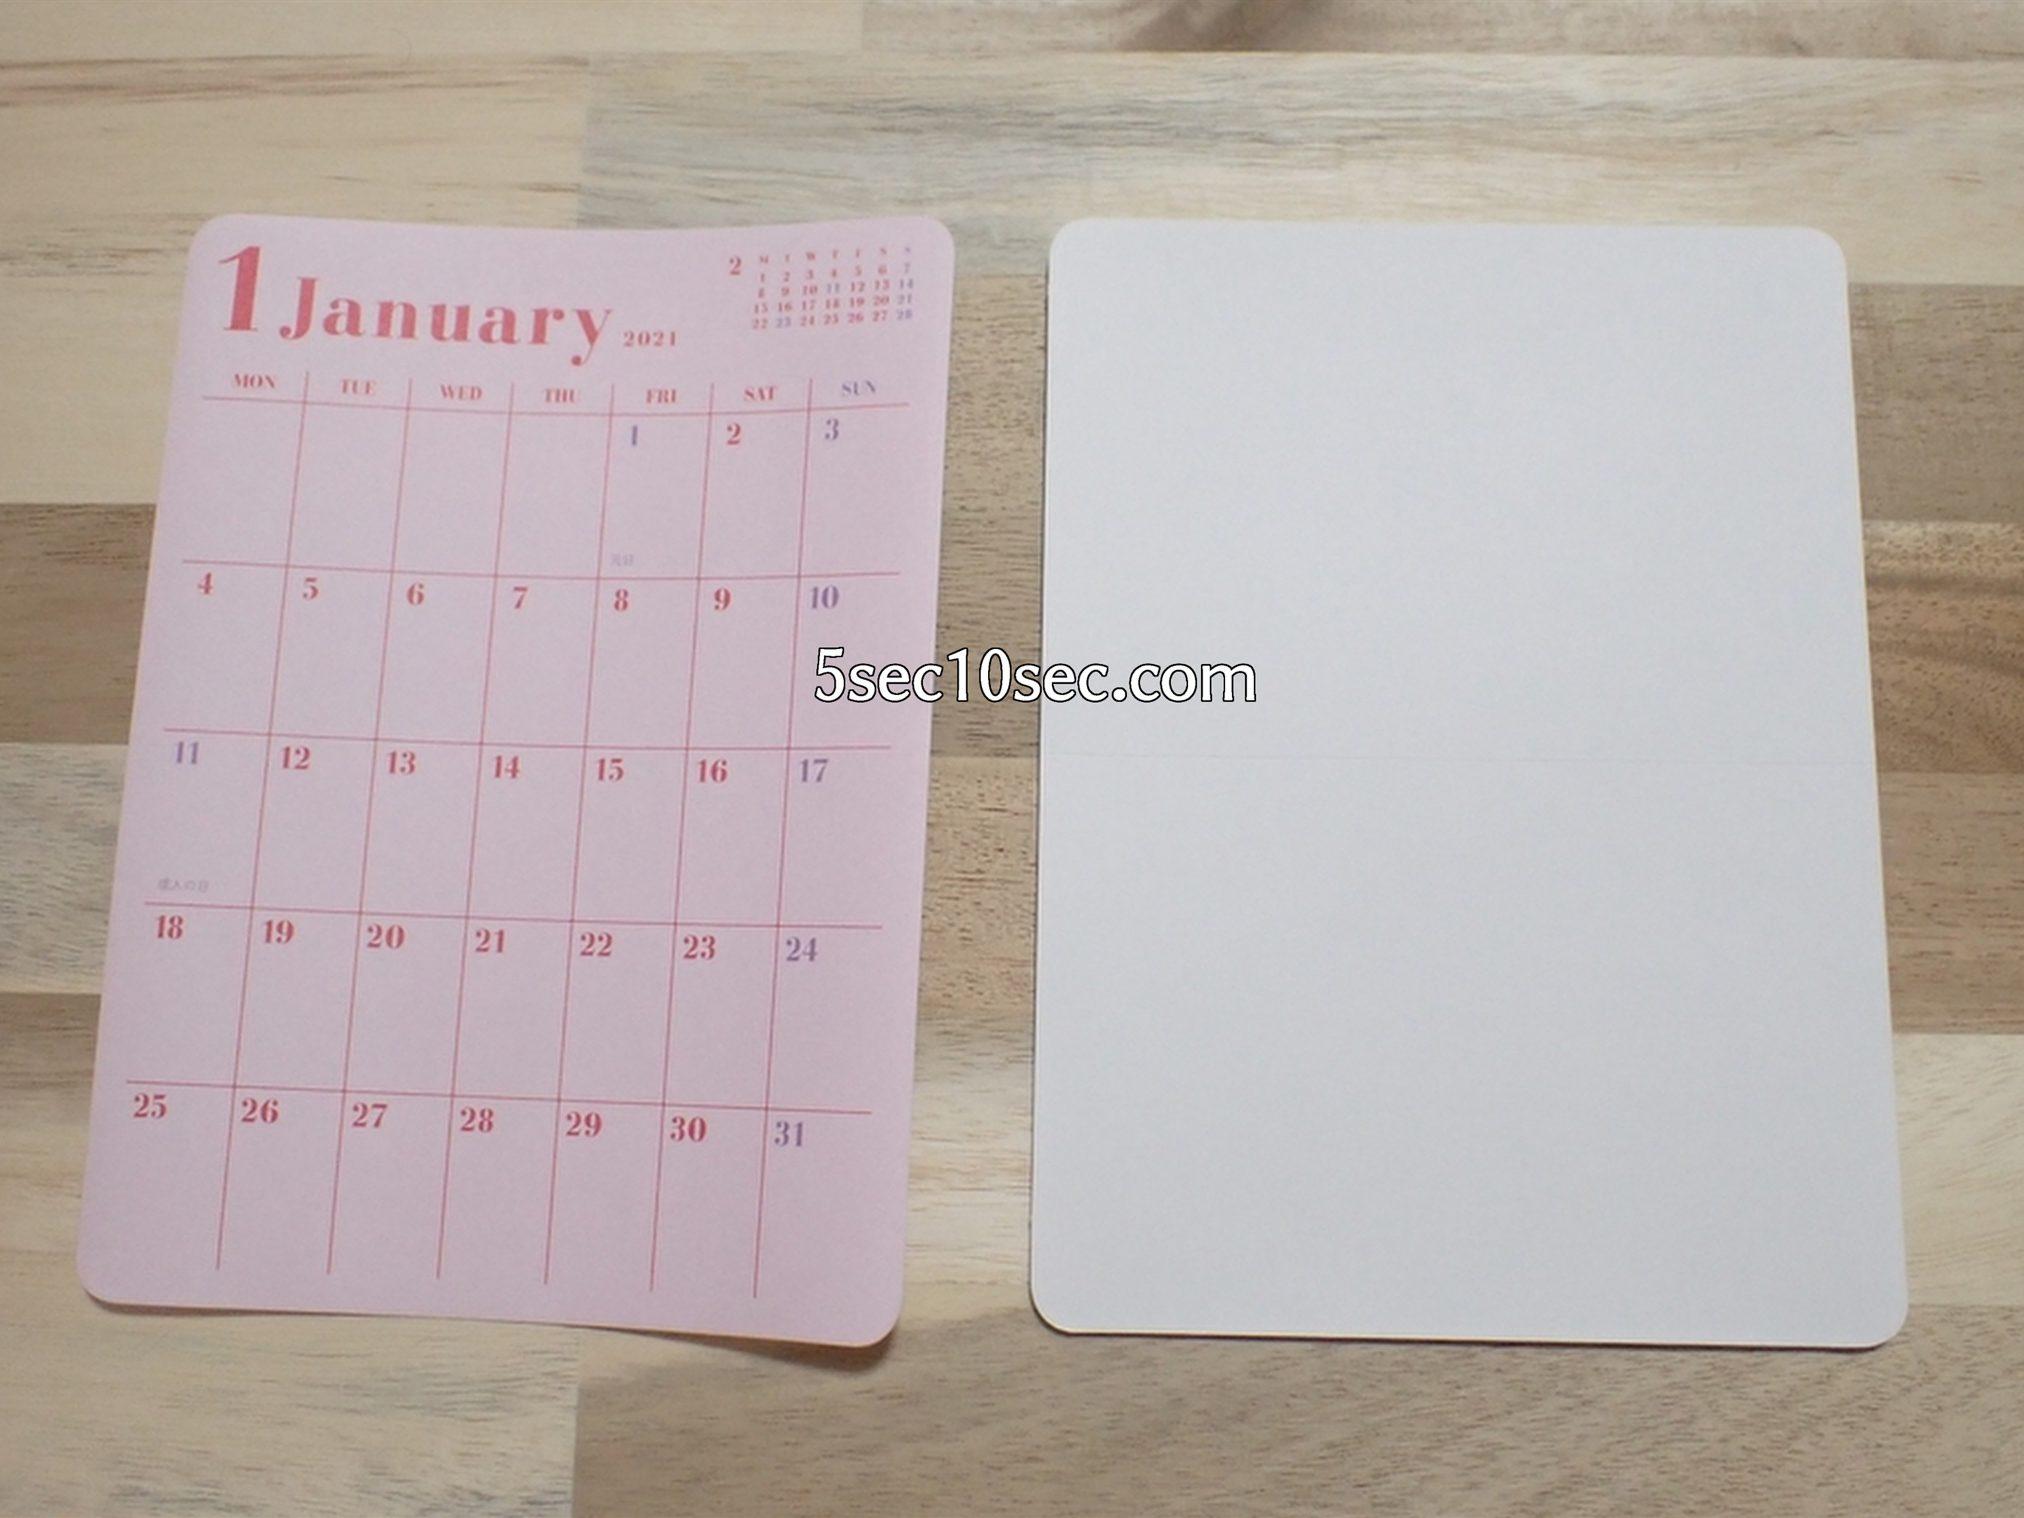 2021年1月始まり 手帳シール 自作手帳 マンスリー手帳 グリーティングライフ Greeting Life カスタムダイアリーステッカーズ マンスリーダイアリーはシール台紙になっていて低粘着性、貼って剥がせます